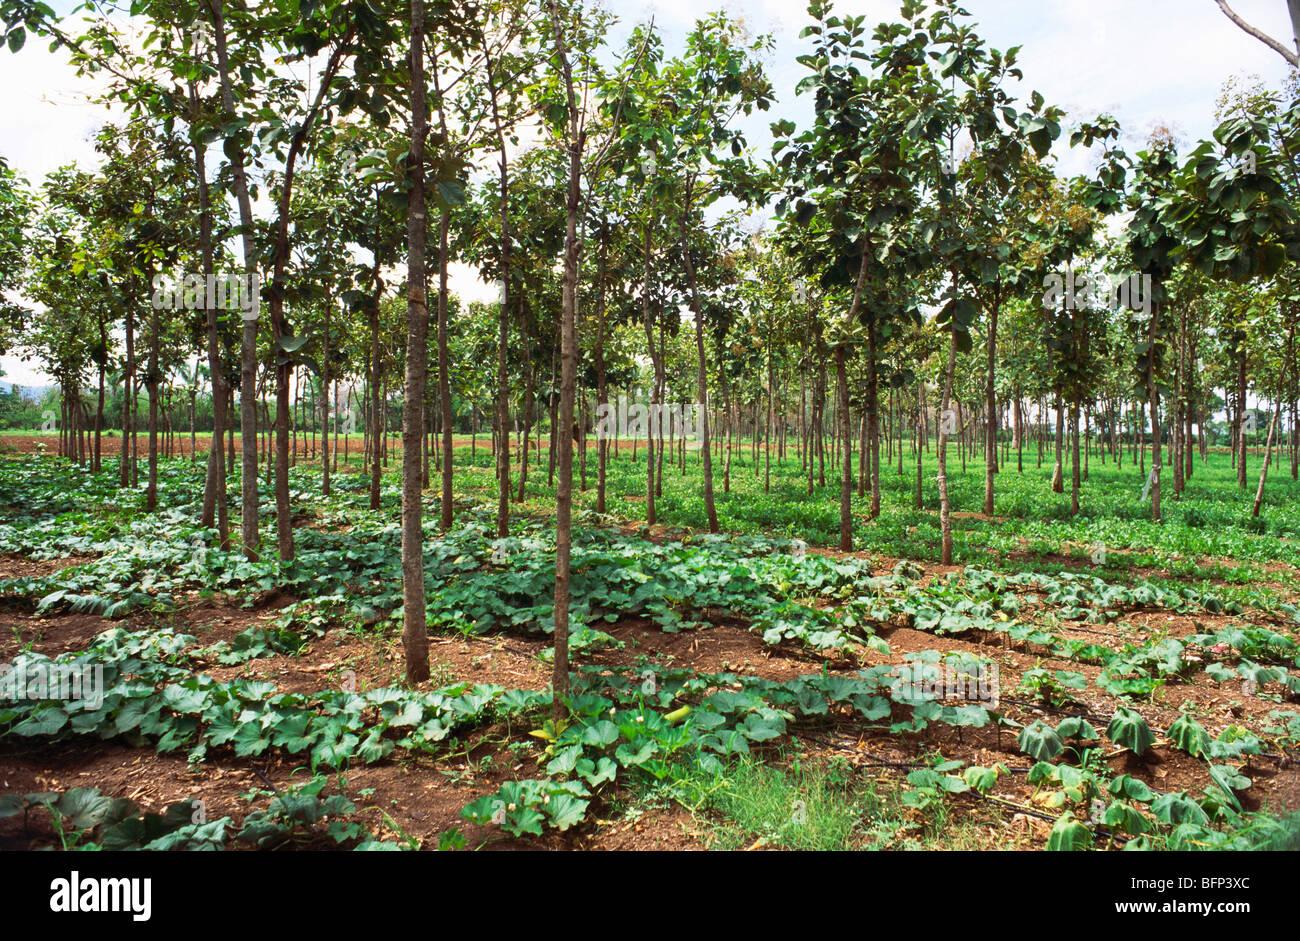 Teak Wood Trees Stock Photos Teak Wood Trees Stock Images